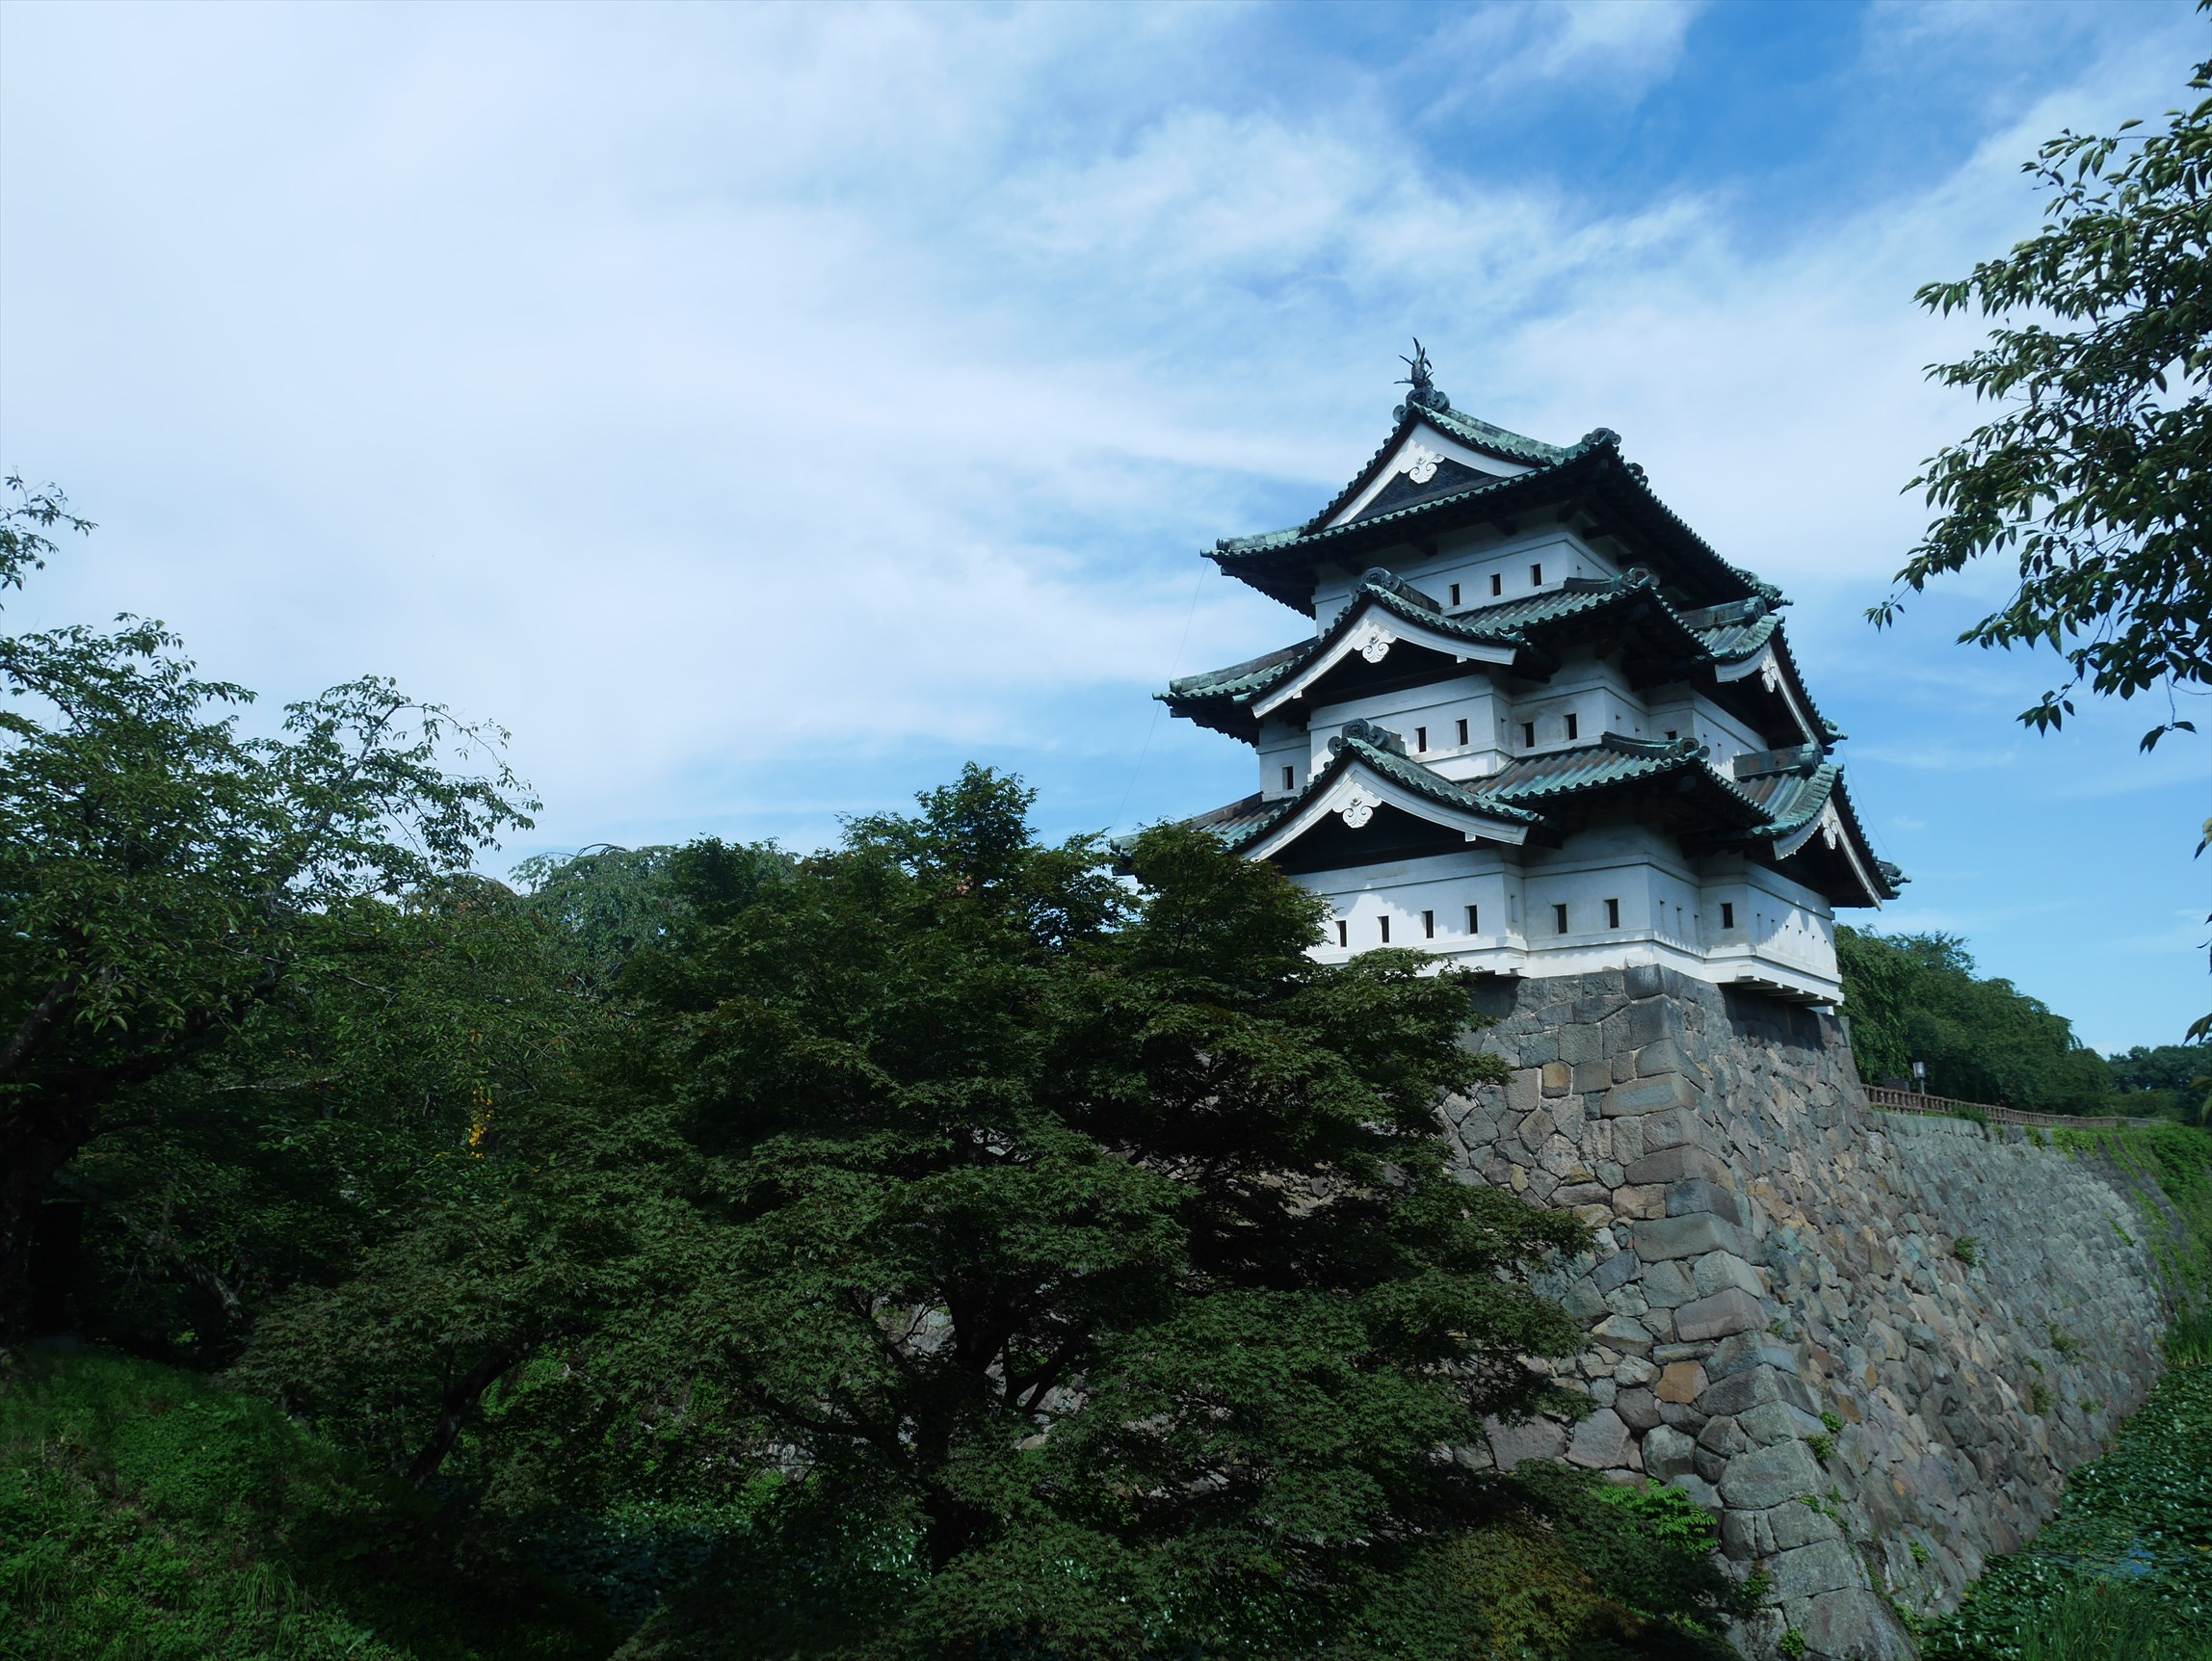 弘前城に桜が咲いてなくてもこれだけすごいってことは・・・